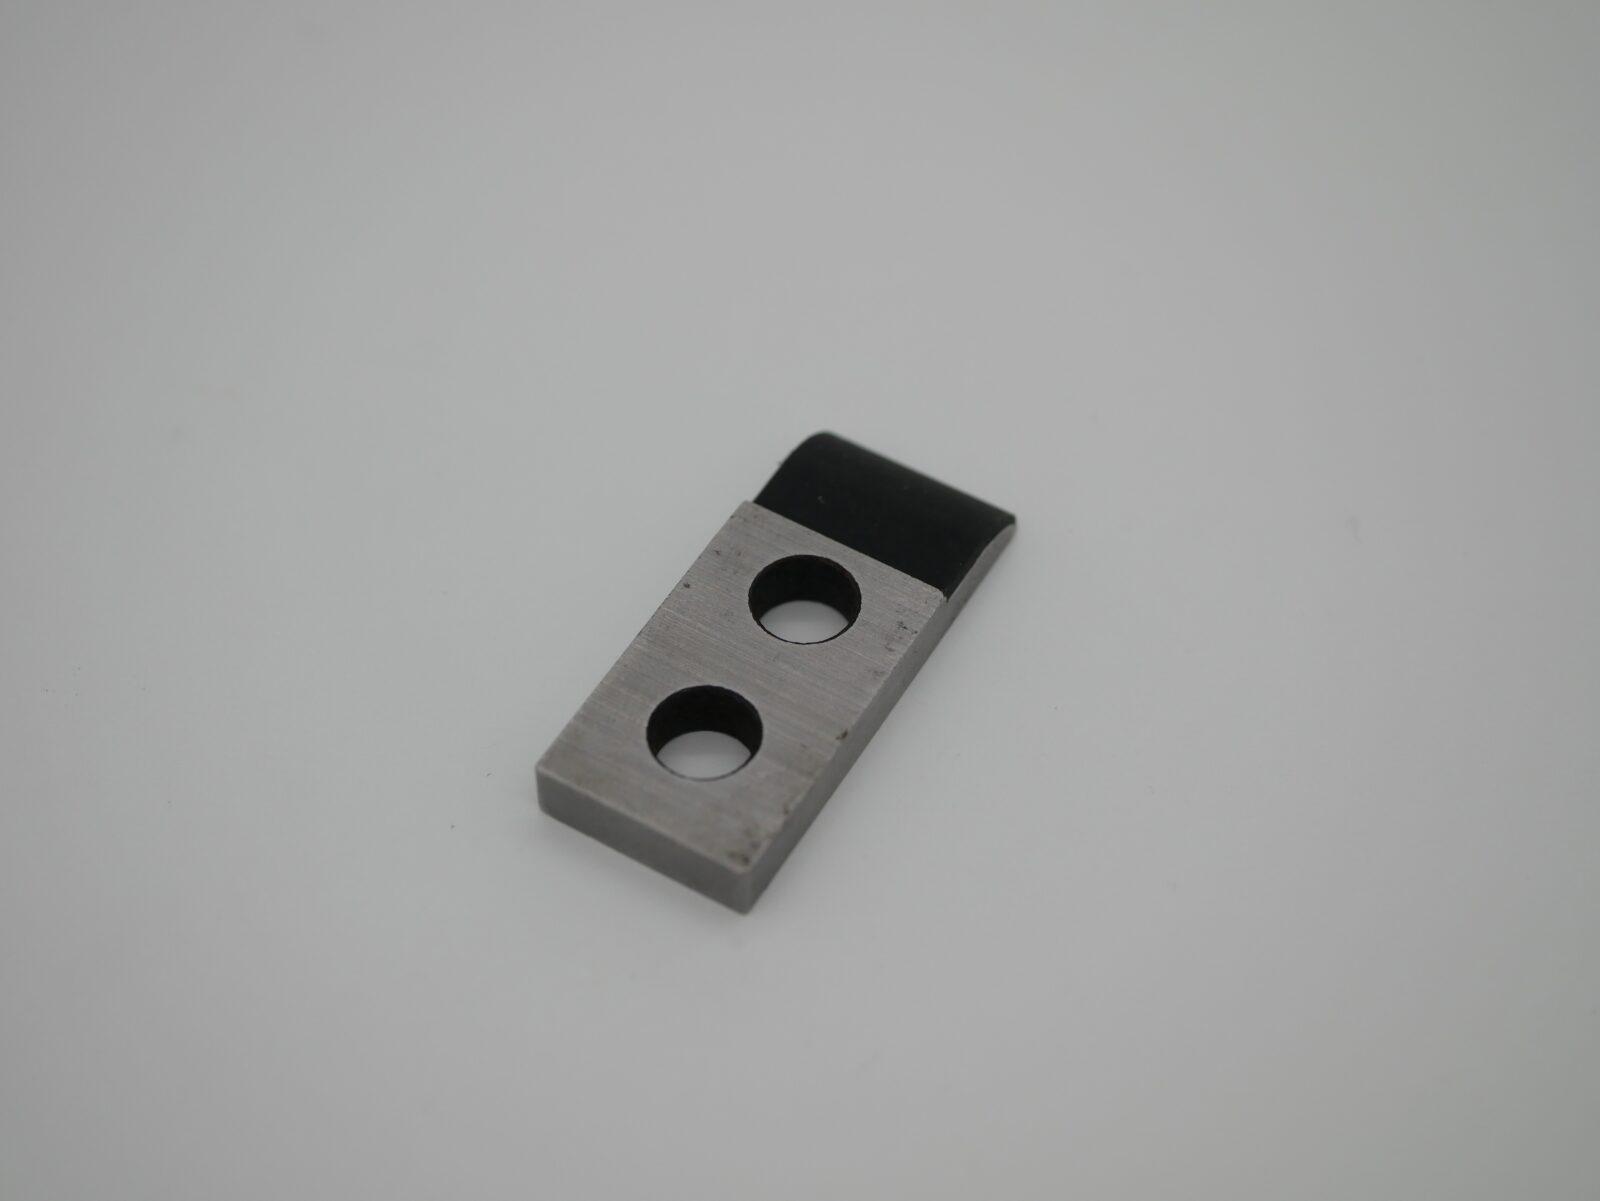 SM102/72 Upper Pincer Gripper HDM: SM102: 87.583.338 SM72: 82.583.337 A967-J